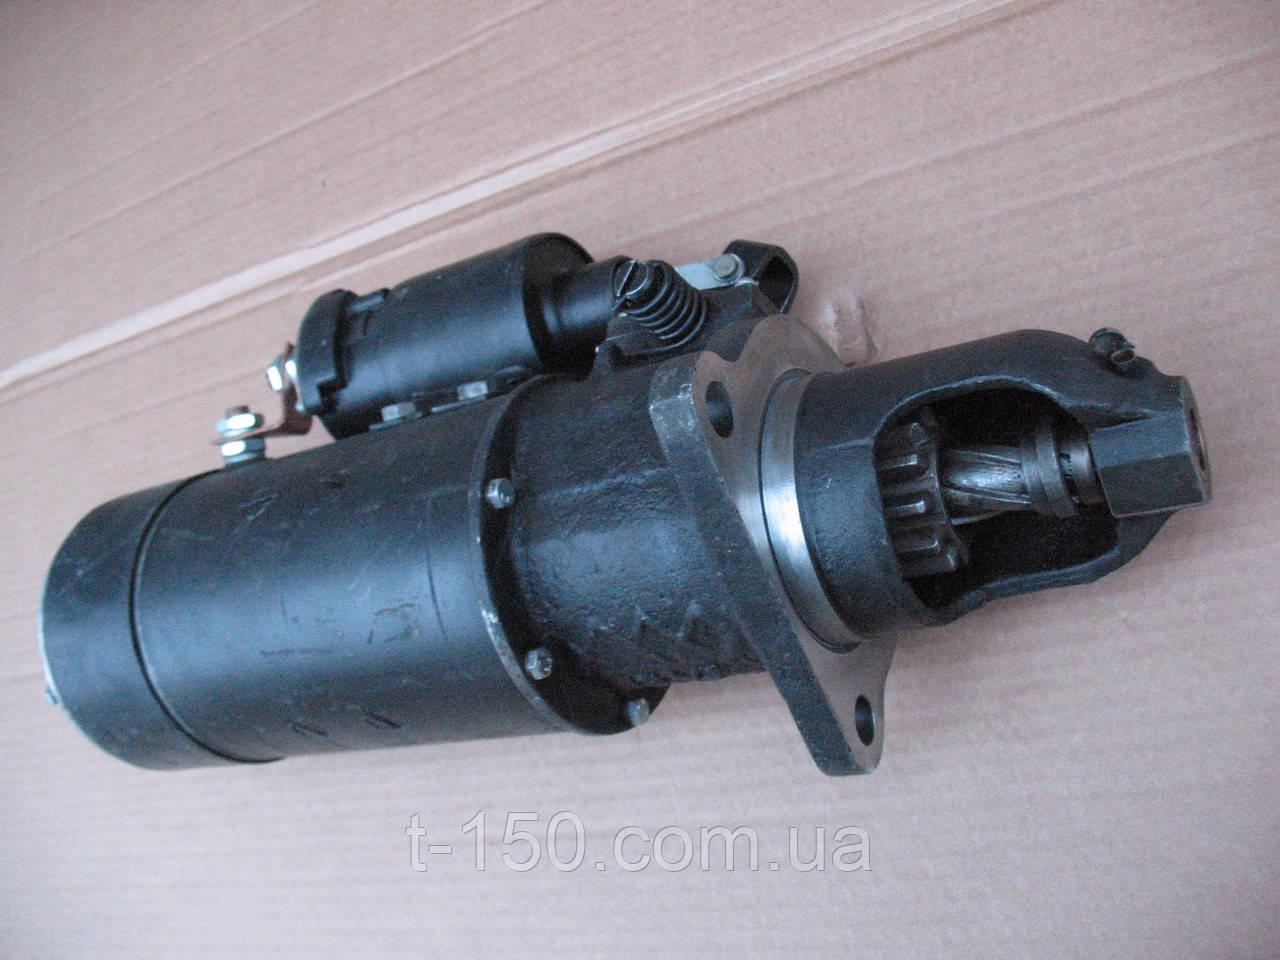 """Стартер СМД-21-24 СК-5 """"НИВА"""" (СТ100-370800)"""